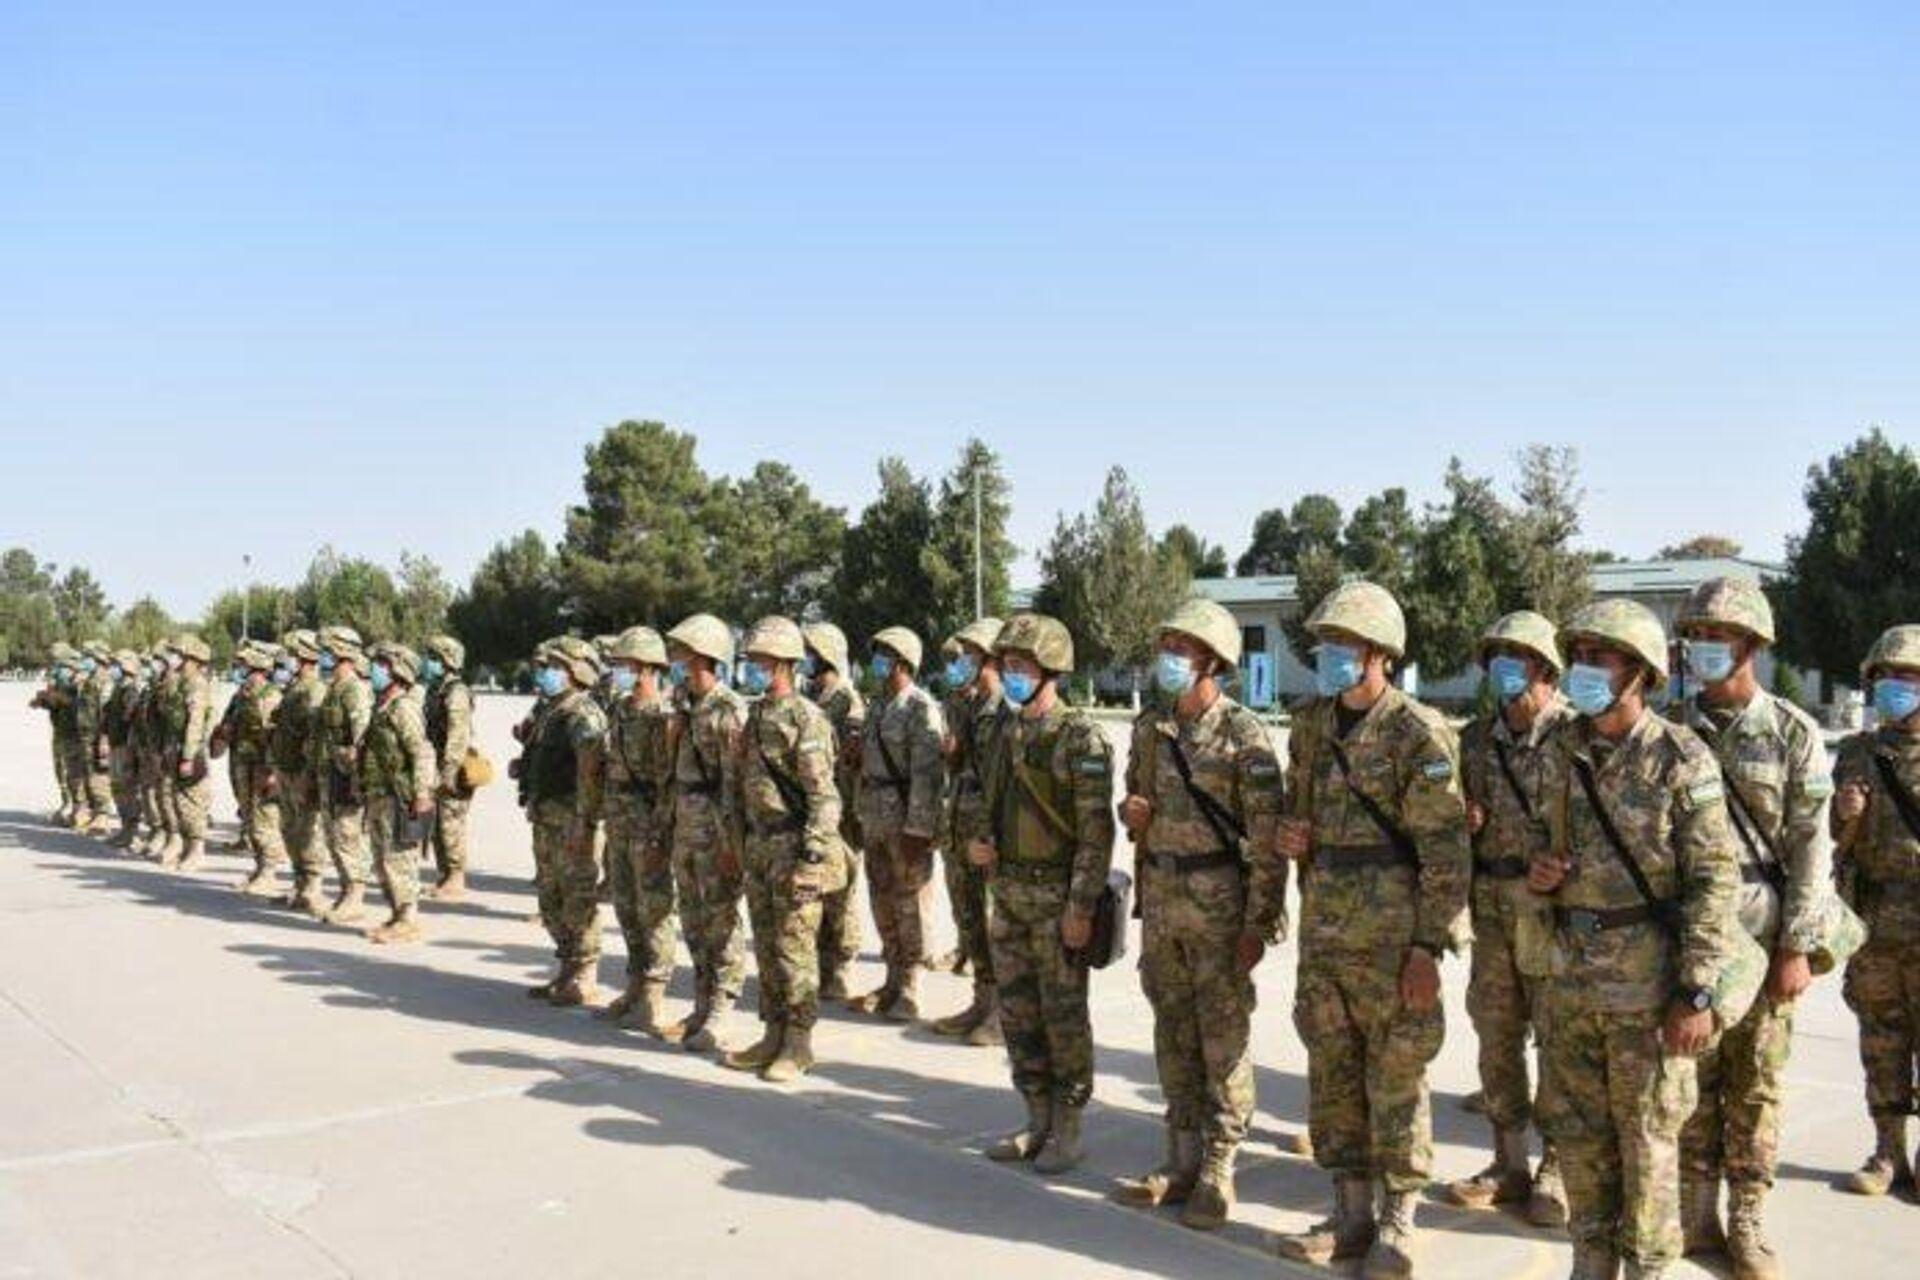 Силы ПВО Узбекистана проводят учения на границе с Афганистаном - Sputnik Узбекистан, 1920, 07.09.2021